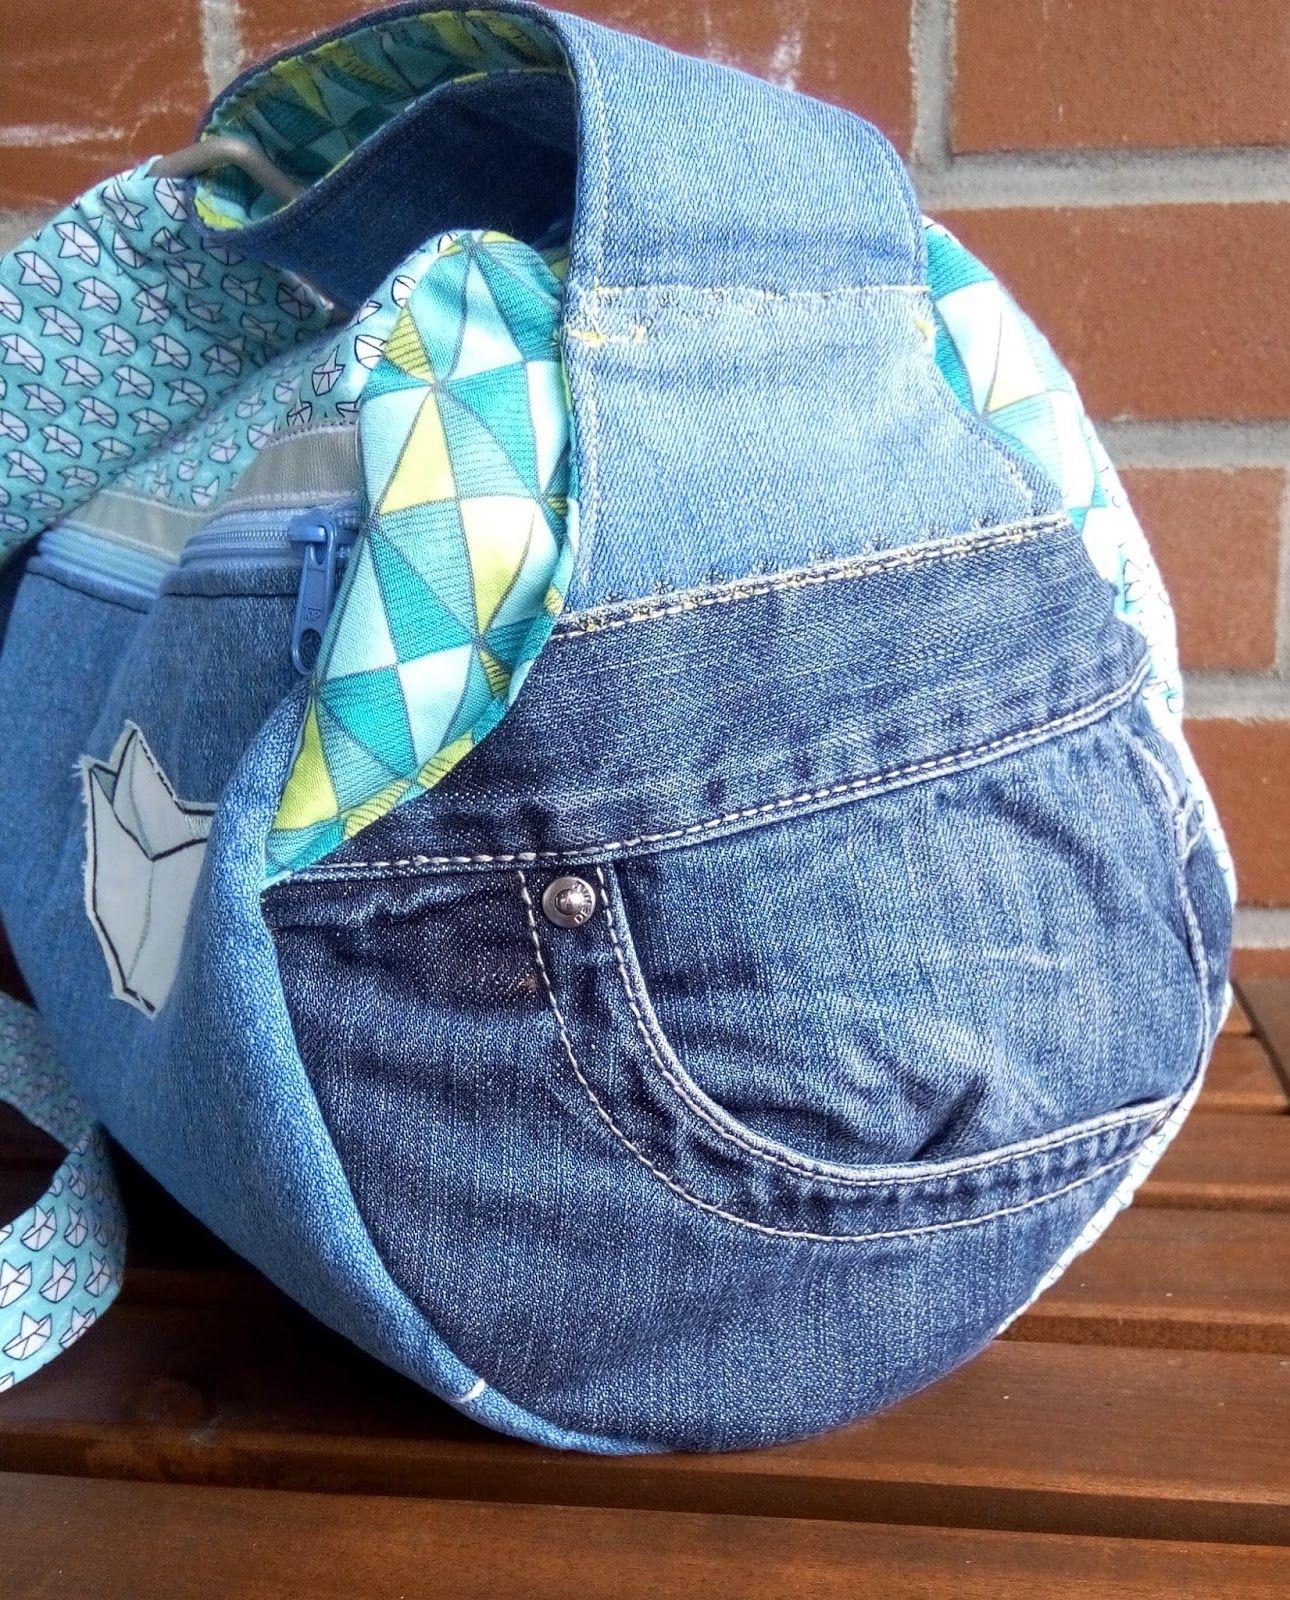 heikchen's kram: Taschenspieler 3 Sew Along - Zylindertasche